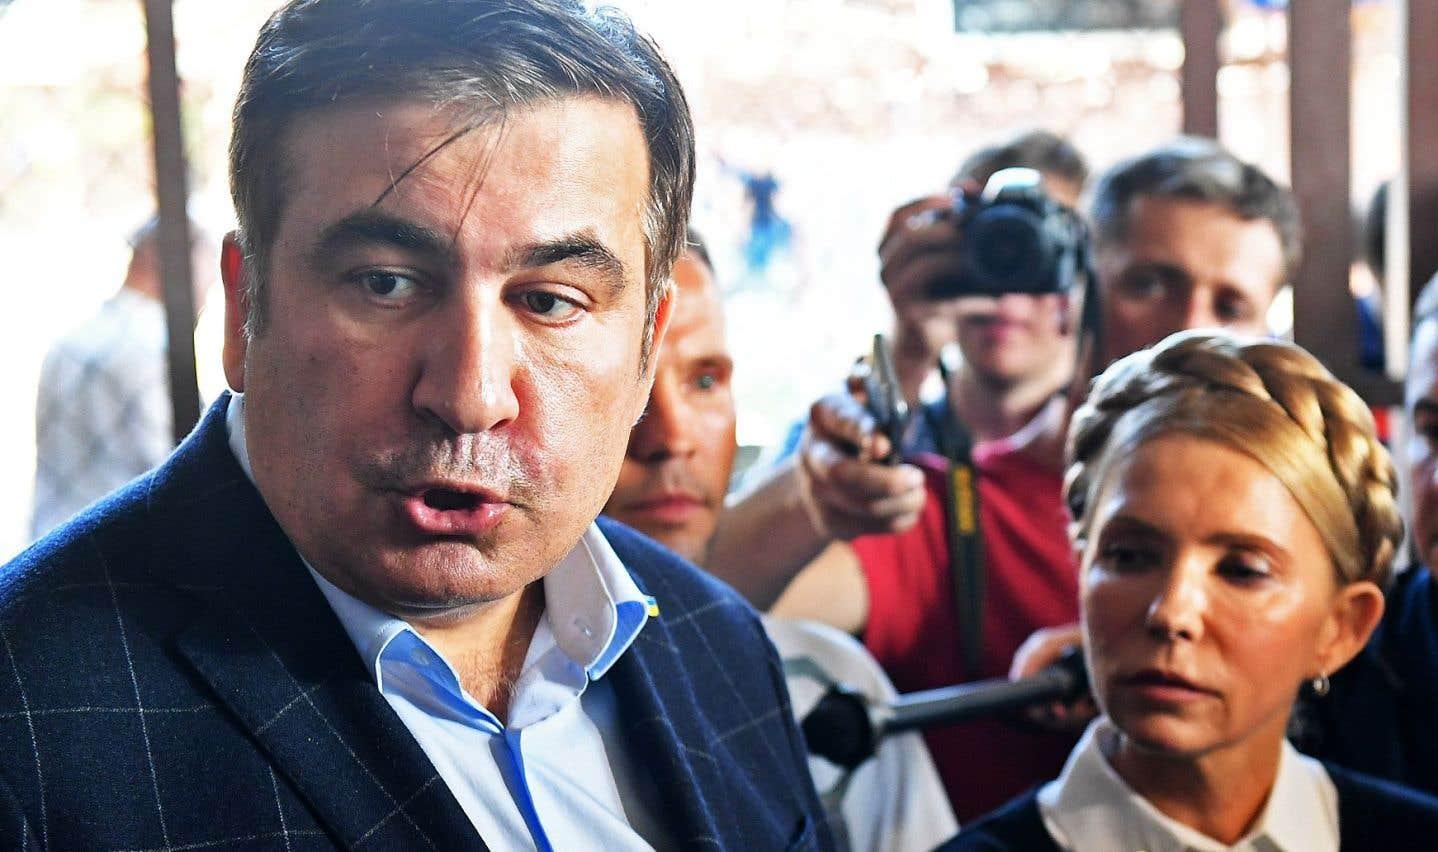 L'ex-président géorgien Saakachvili entre de force en Ukraine